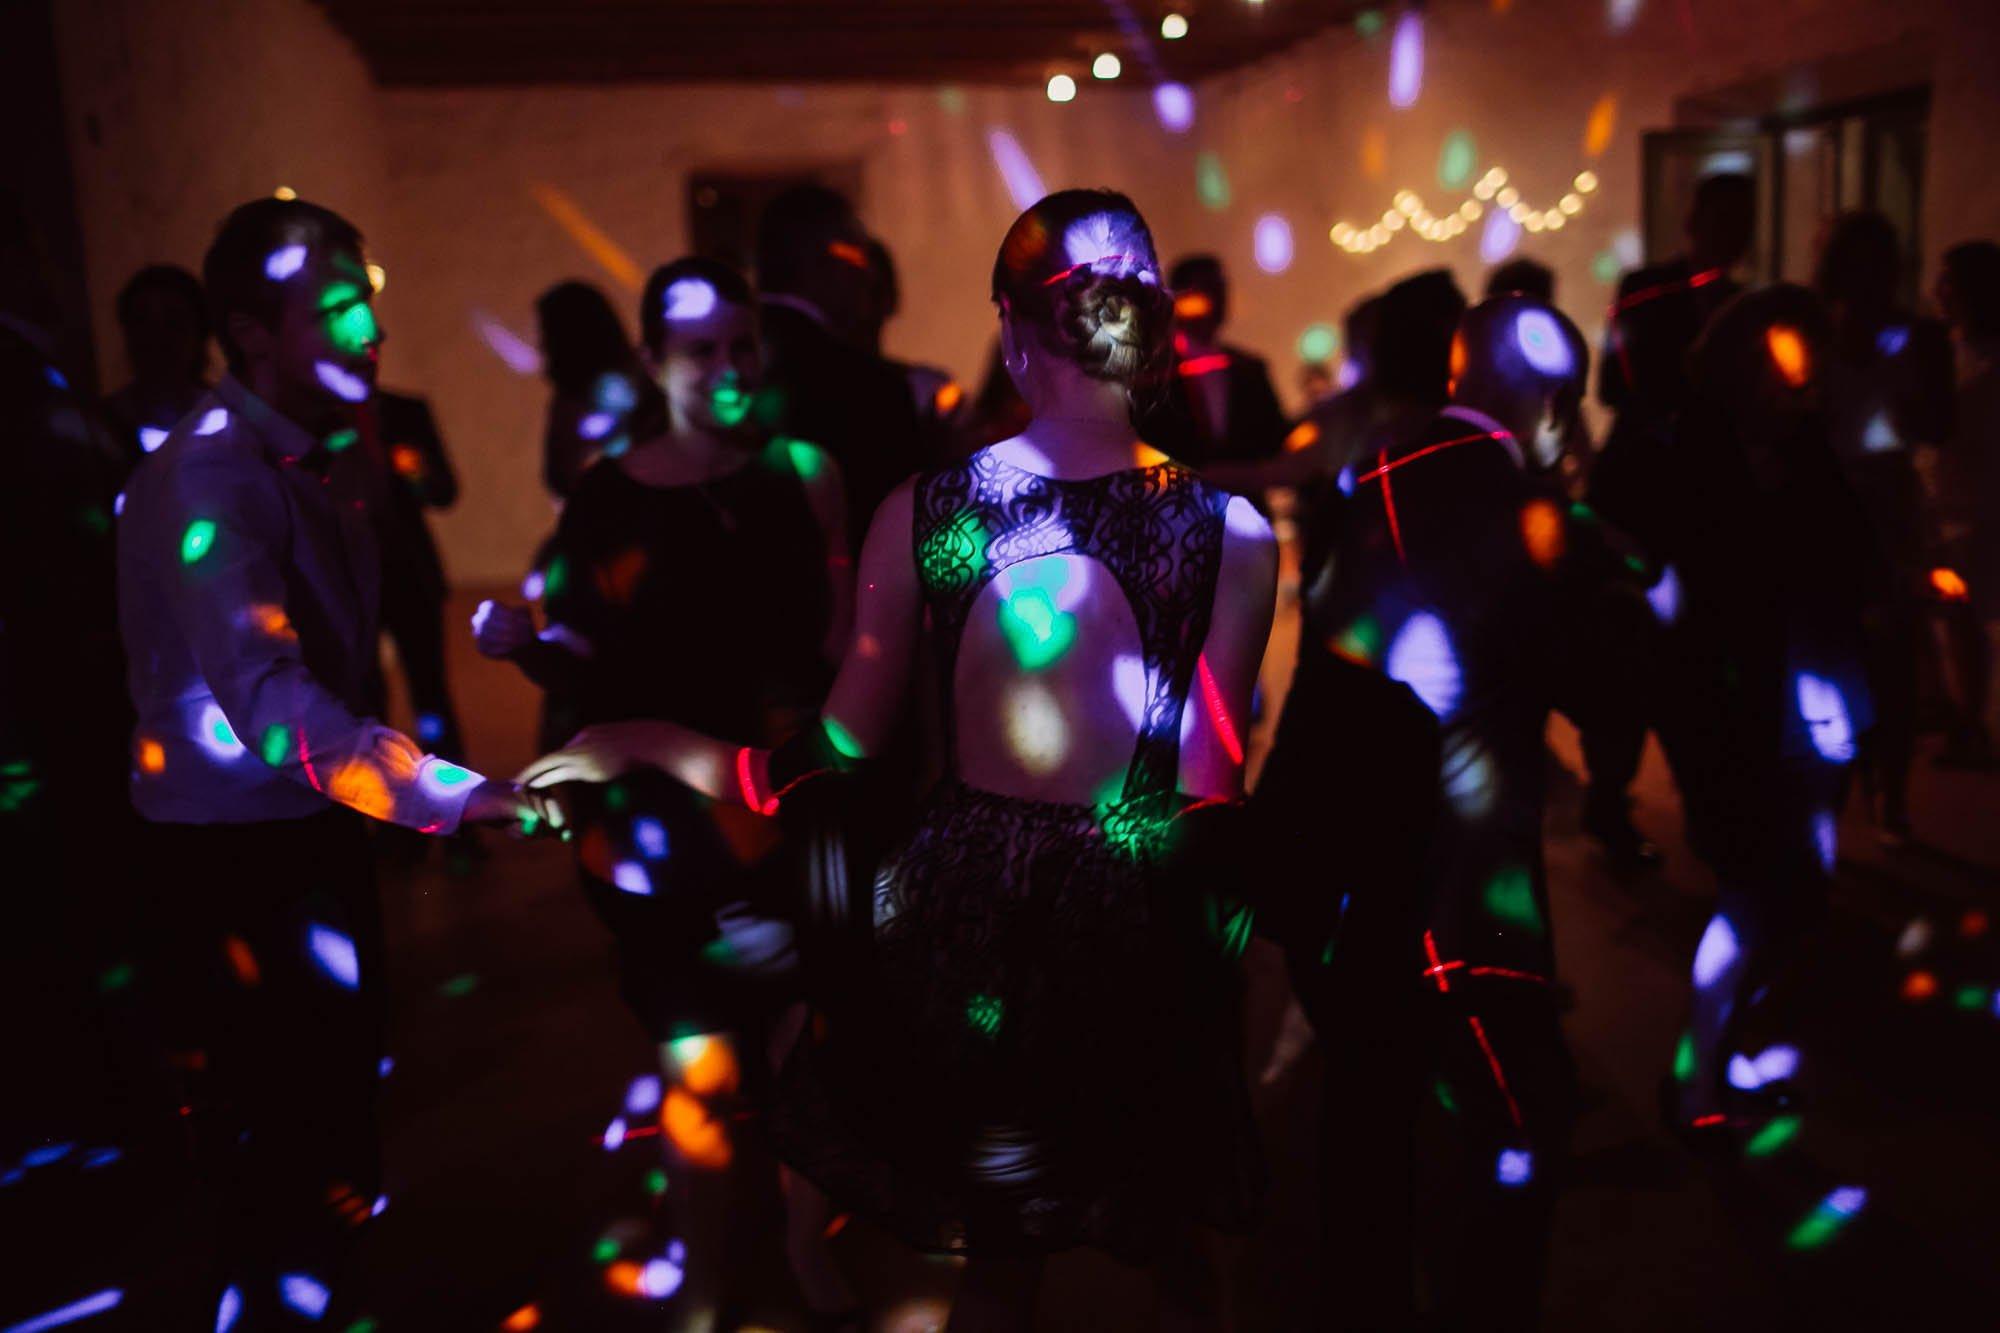 Los invitados bailan en la fiesta de la boda